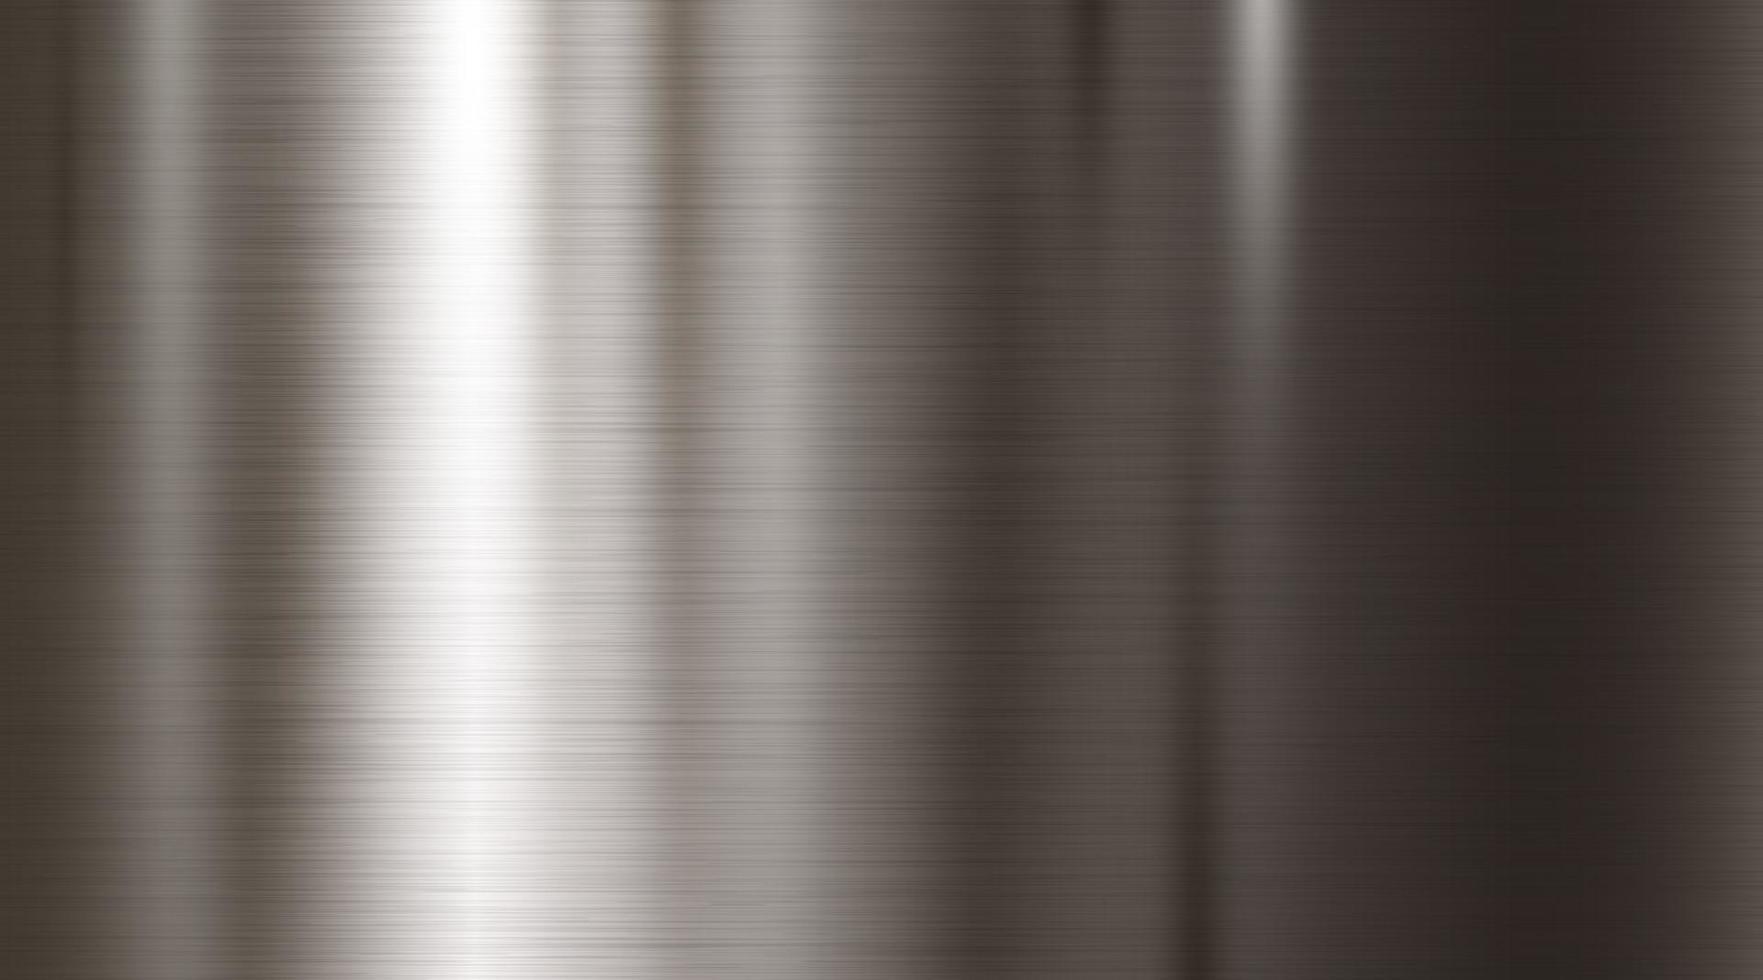 metallisk textur bakgrund vektorillustration vektor